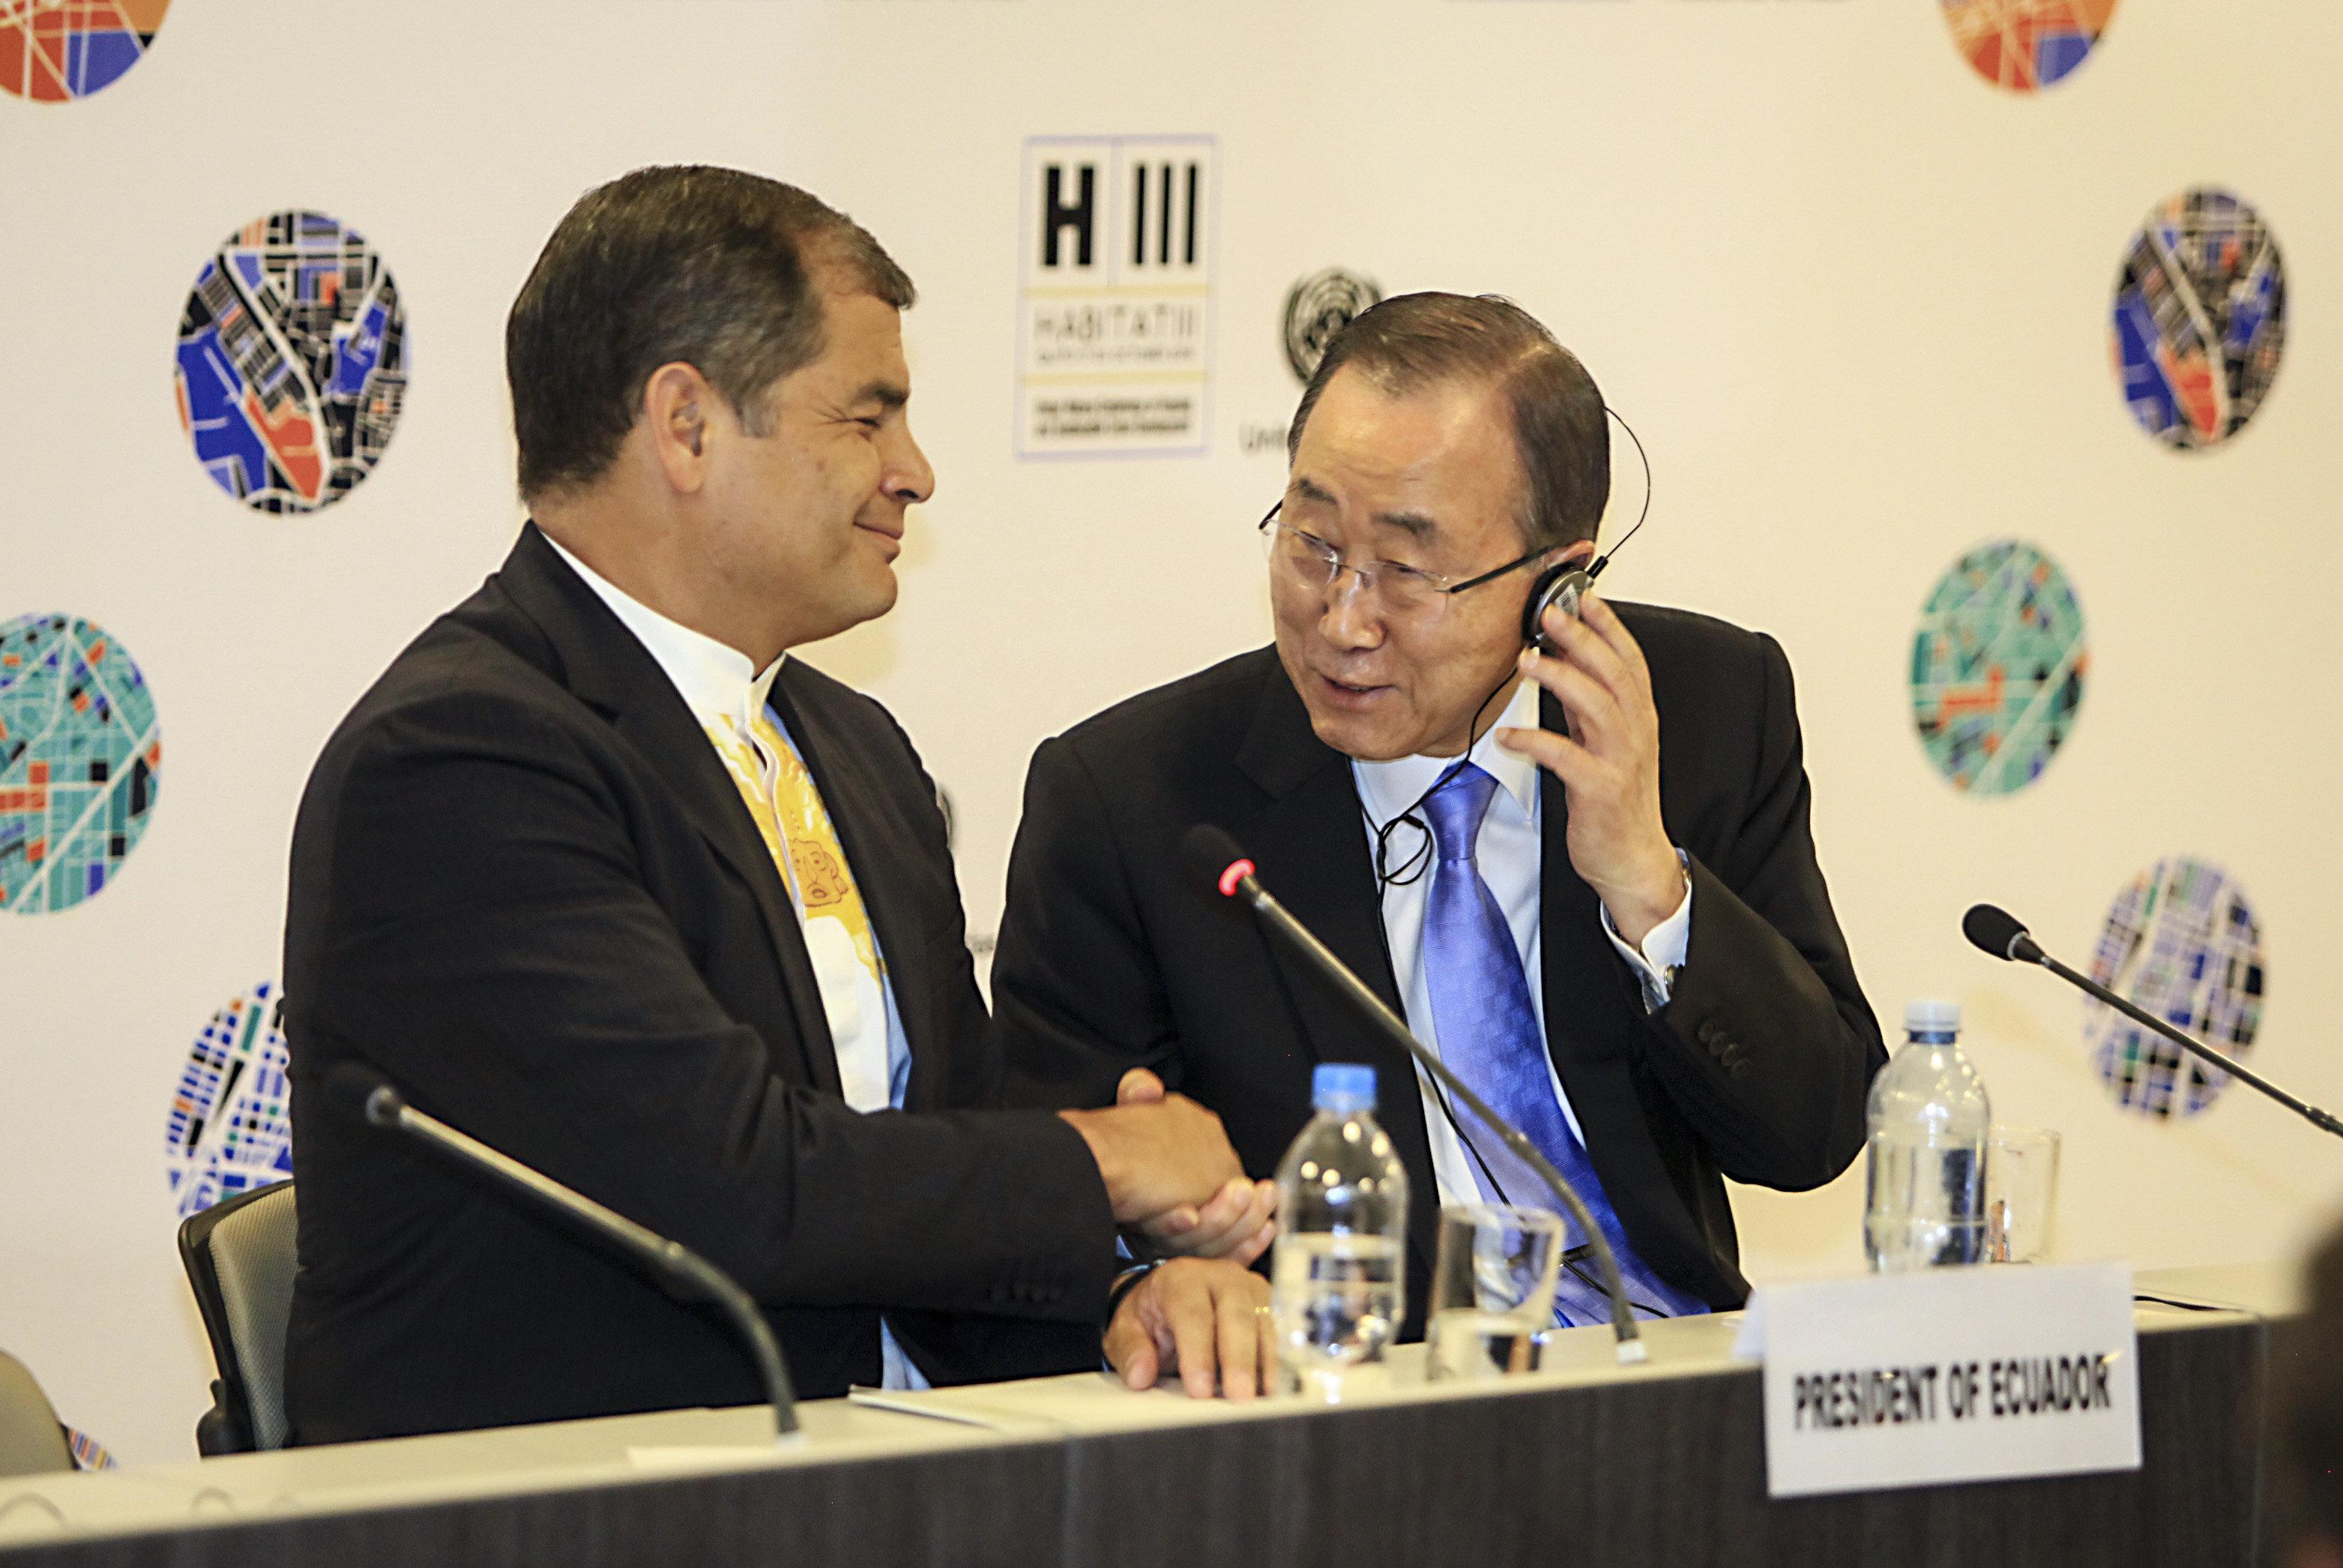 ONU: planificación urbana e inversión en políticas de vivienda sostenible